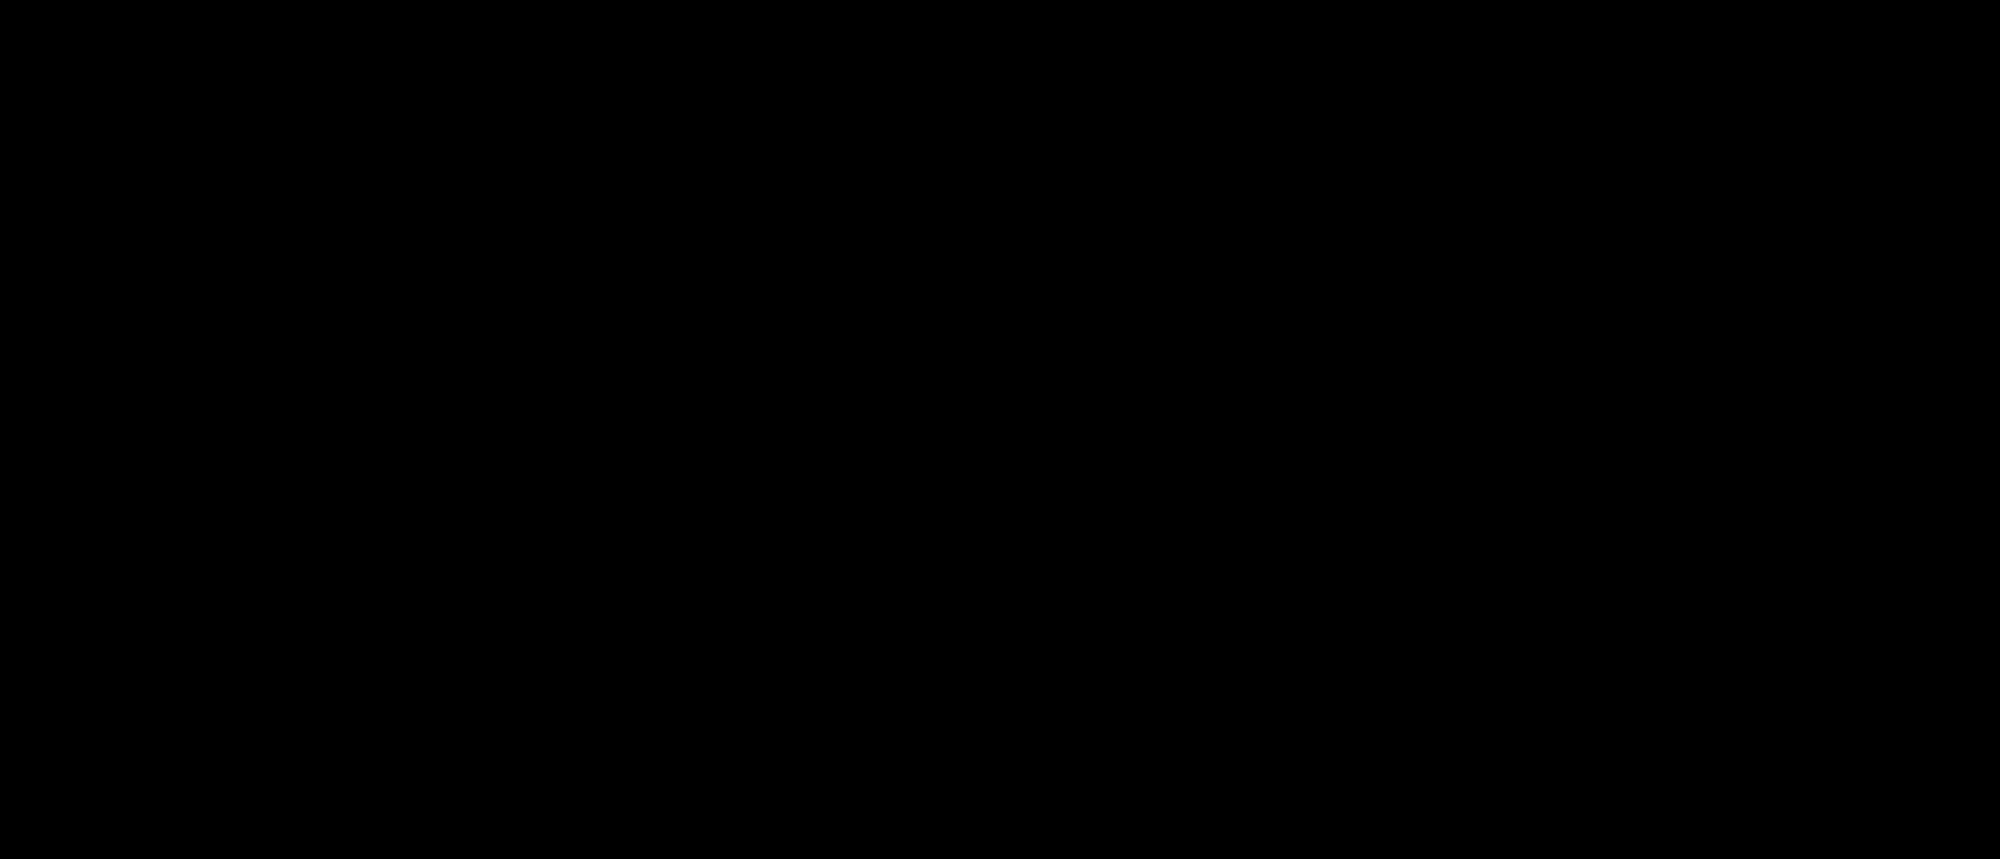 mack white fitness-logo.png